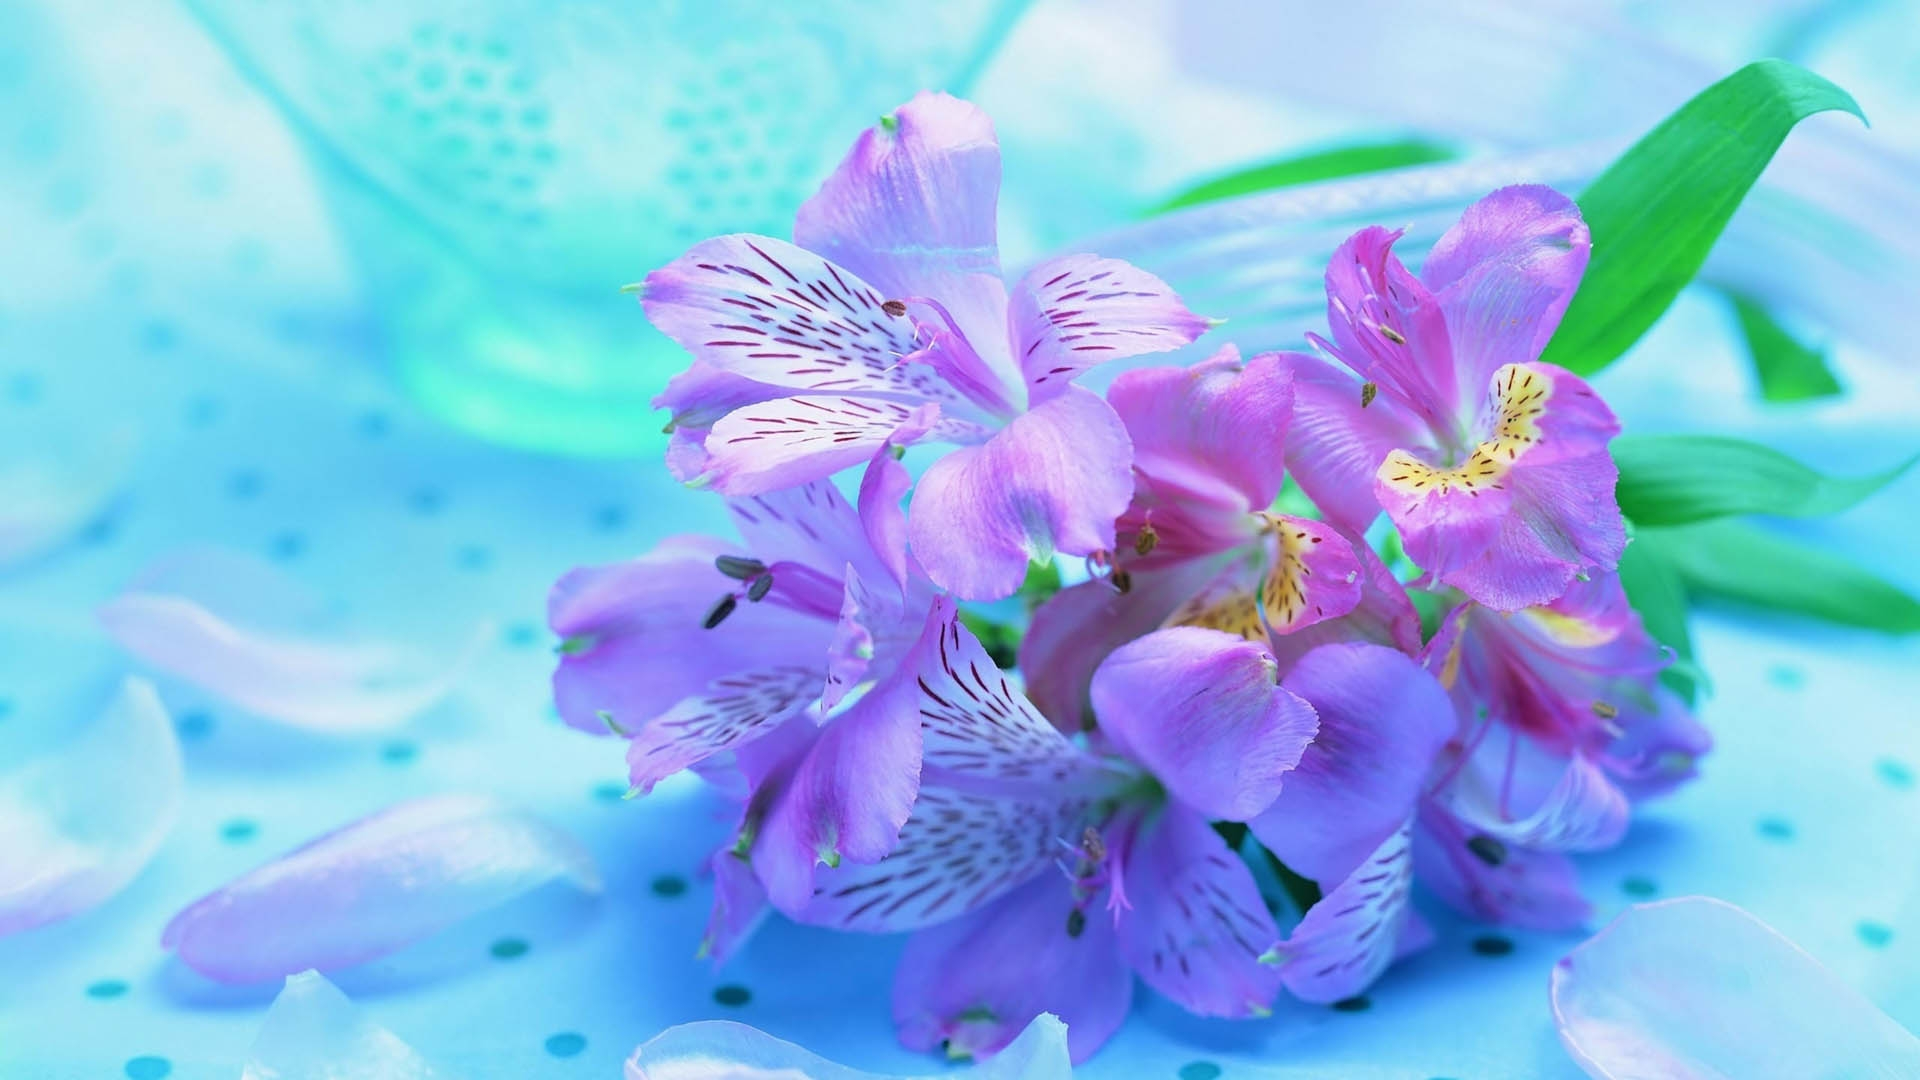 Plants Flowers Stripes Wallpaper HD Macro 4K Wallpapers